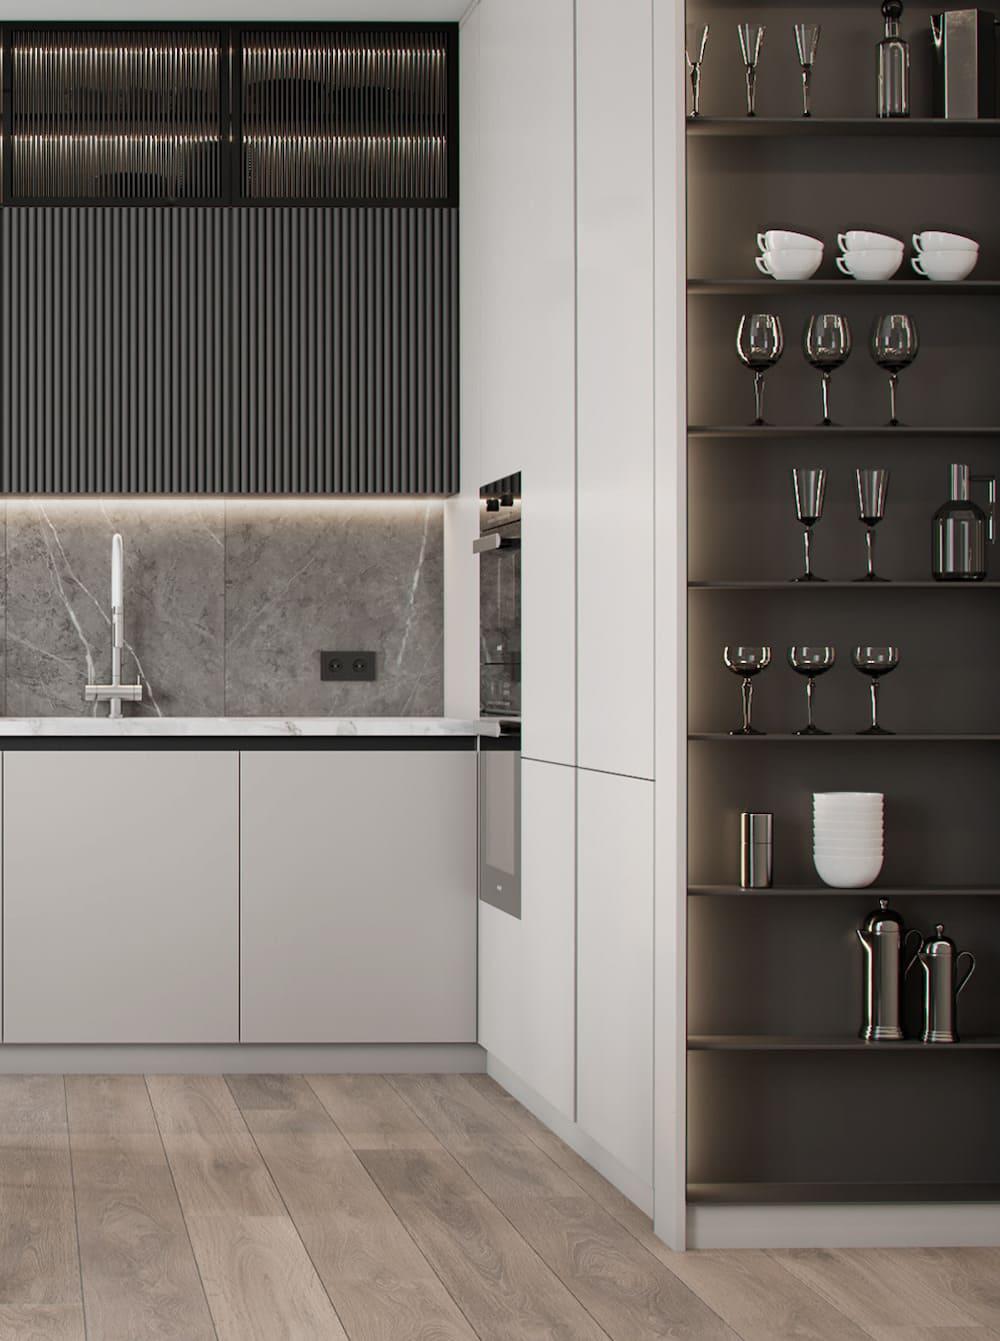 дизайн кухни в современном стиле фото 5